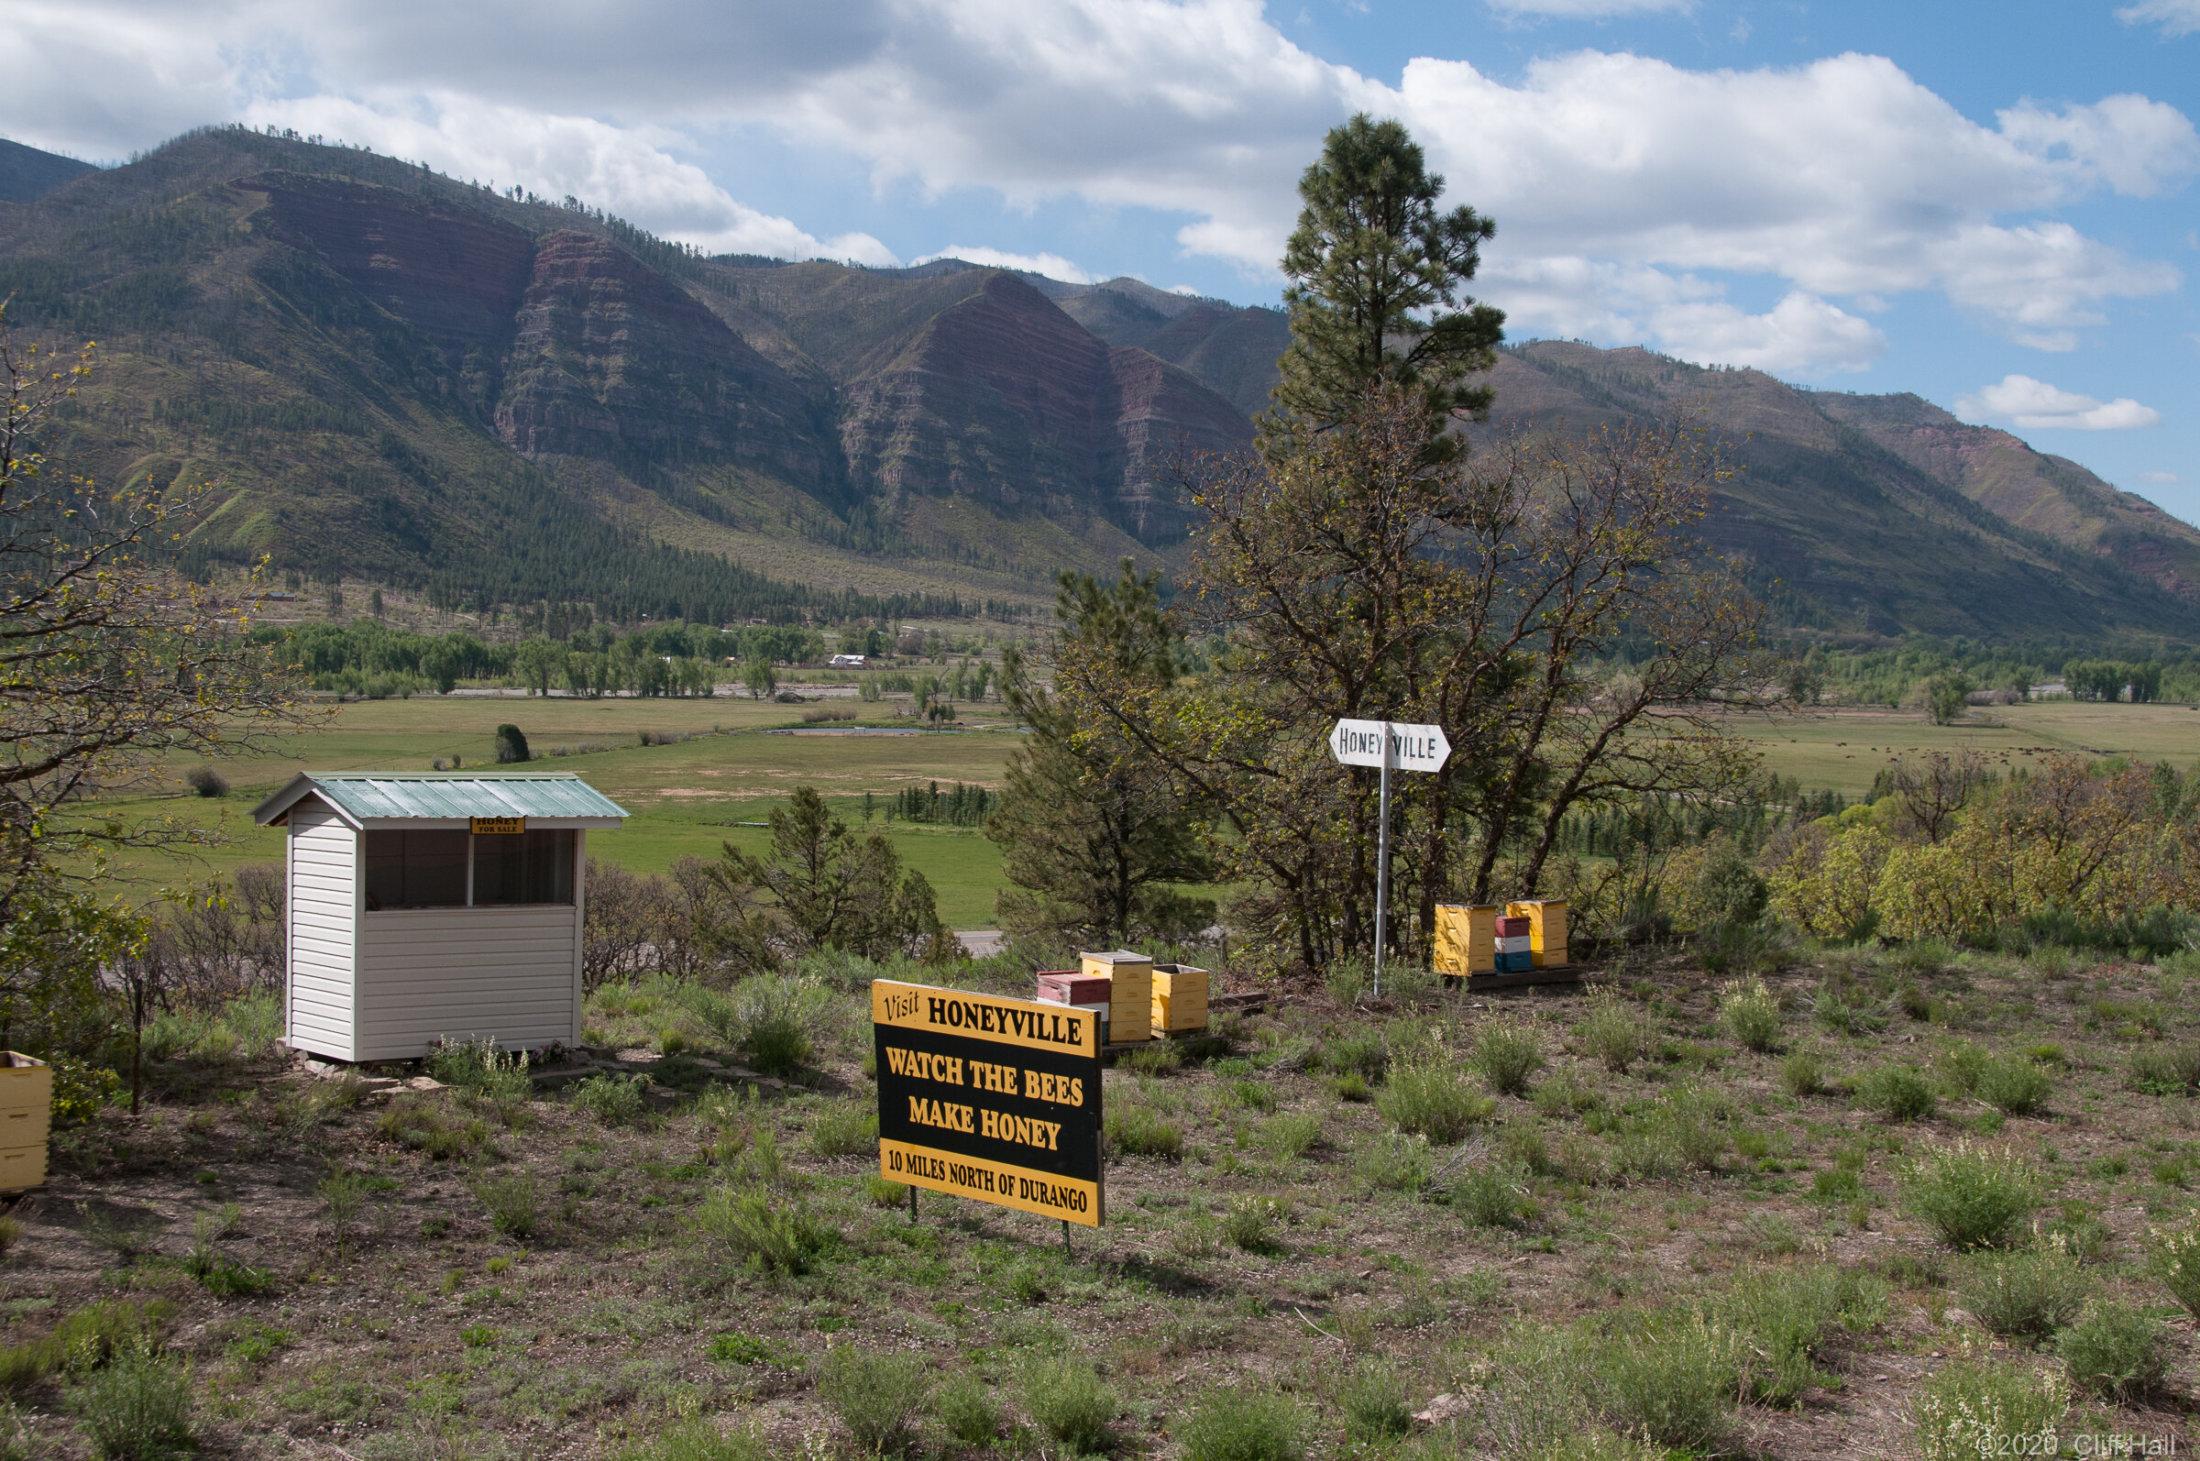 Local beekeeper ad